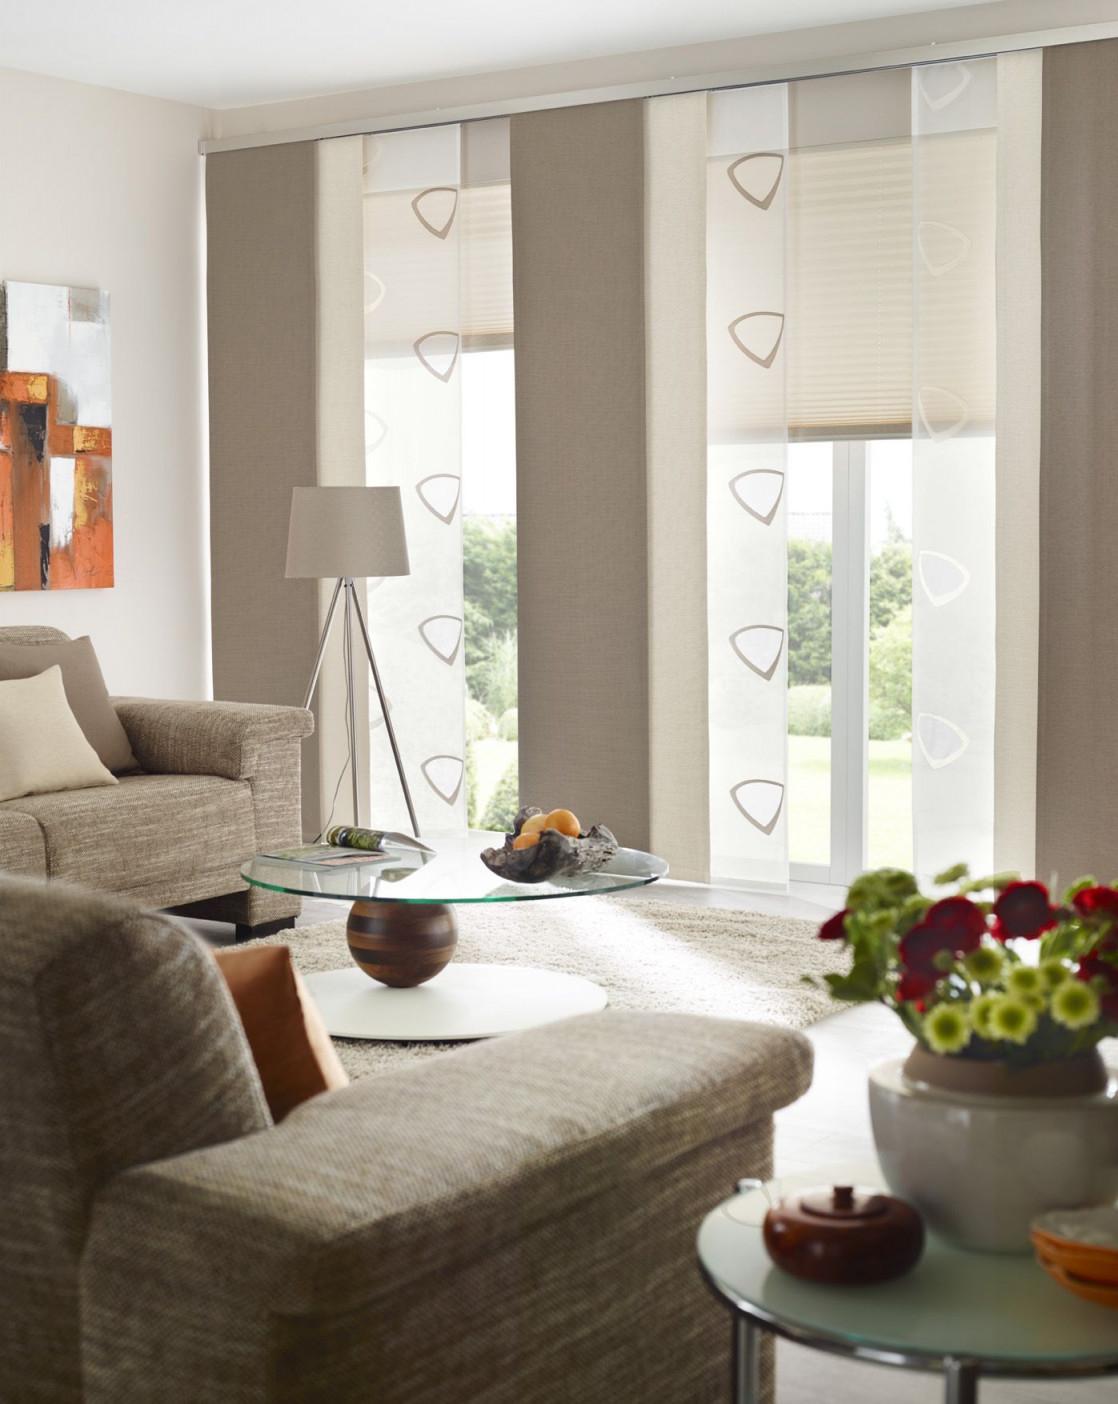 Fenster Urbansteel Gardinen Dekostoffe Vorhang von Vorhänge Wohnzimmer Ideen Photo